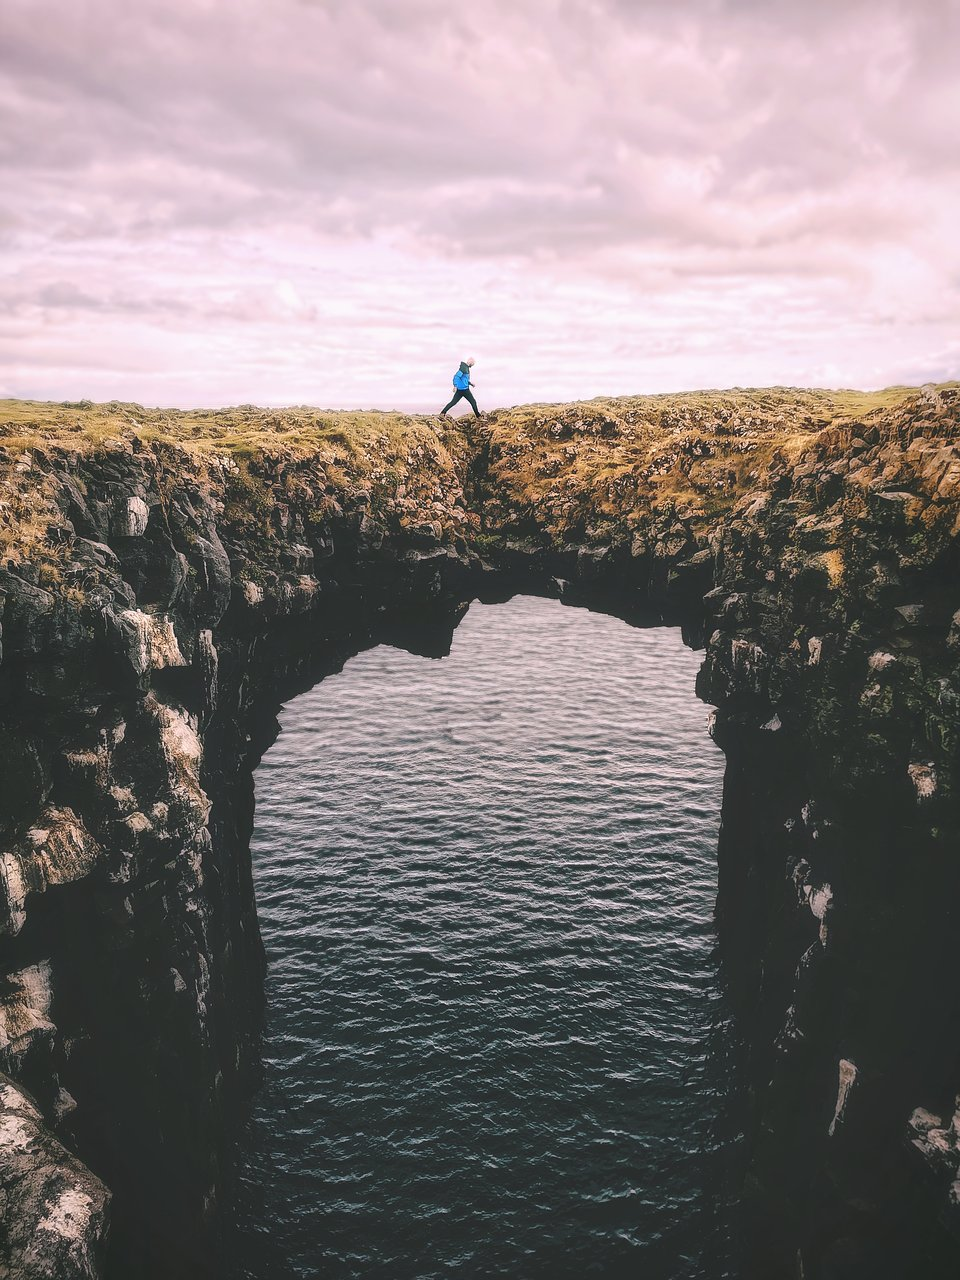 Location: Arnarstapi Bridge, Snæfellsnes Peninsula, Iceland